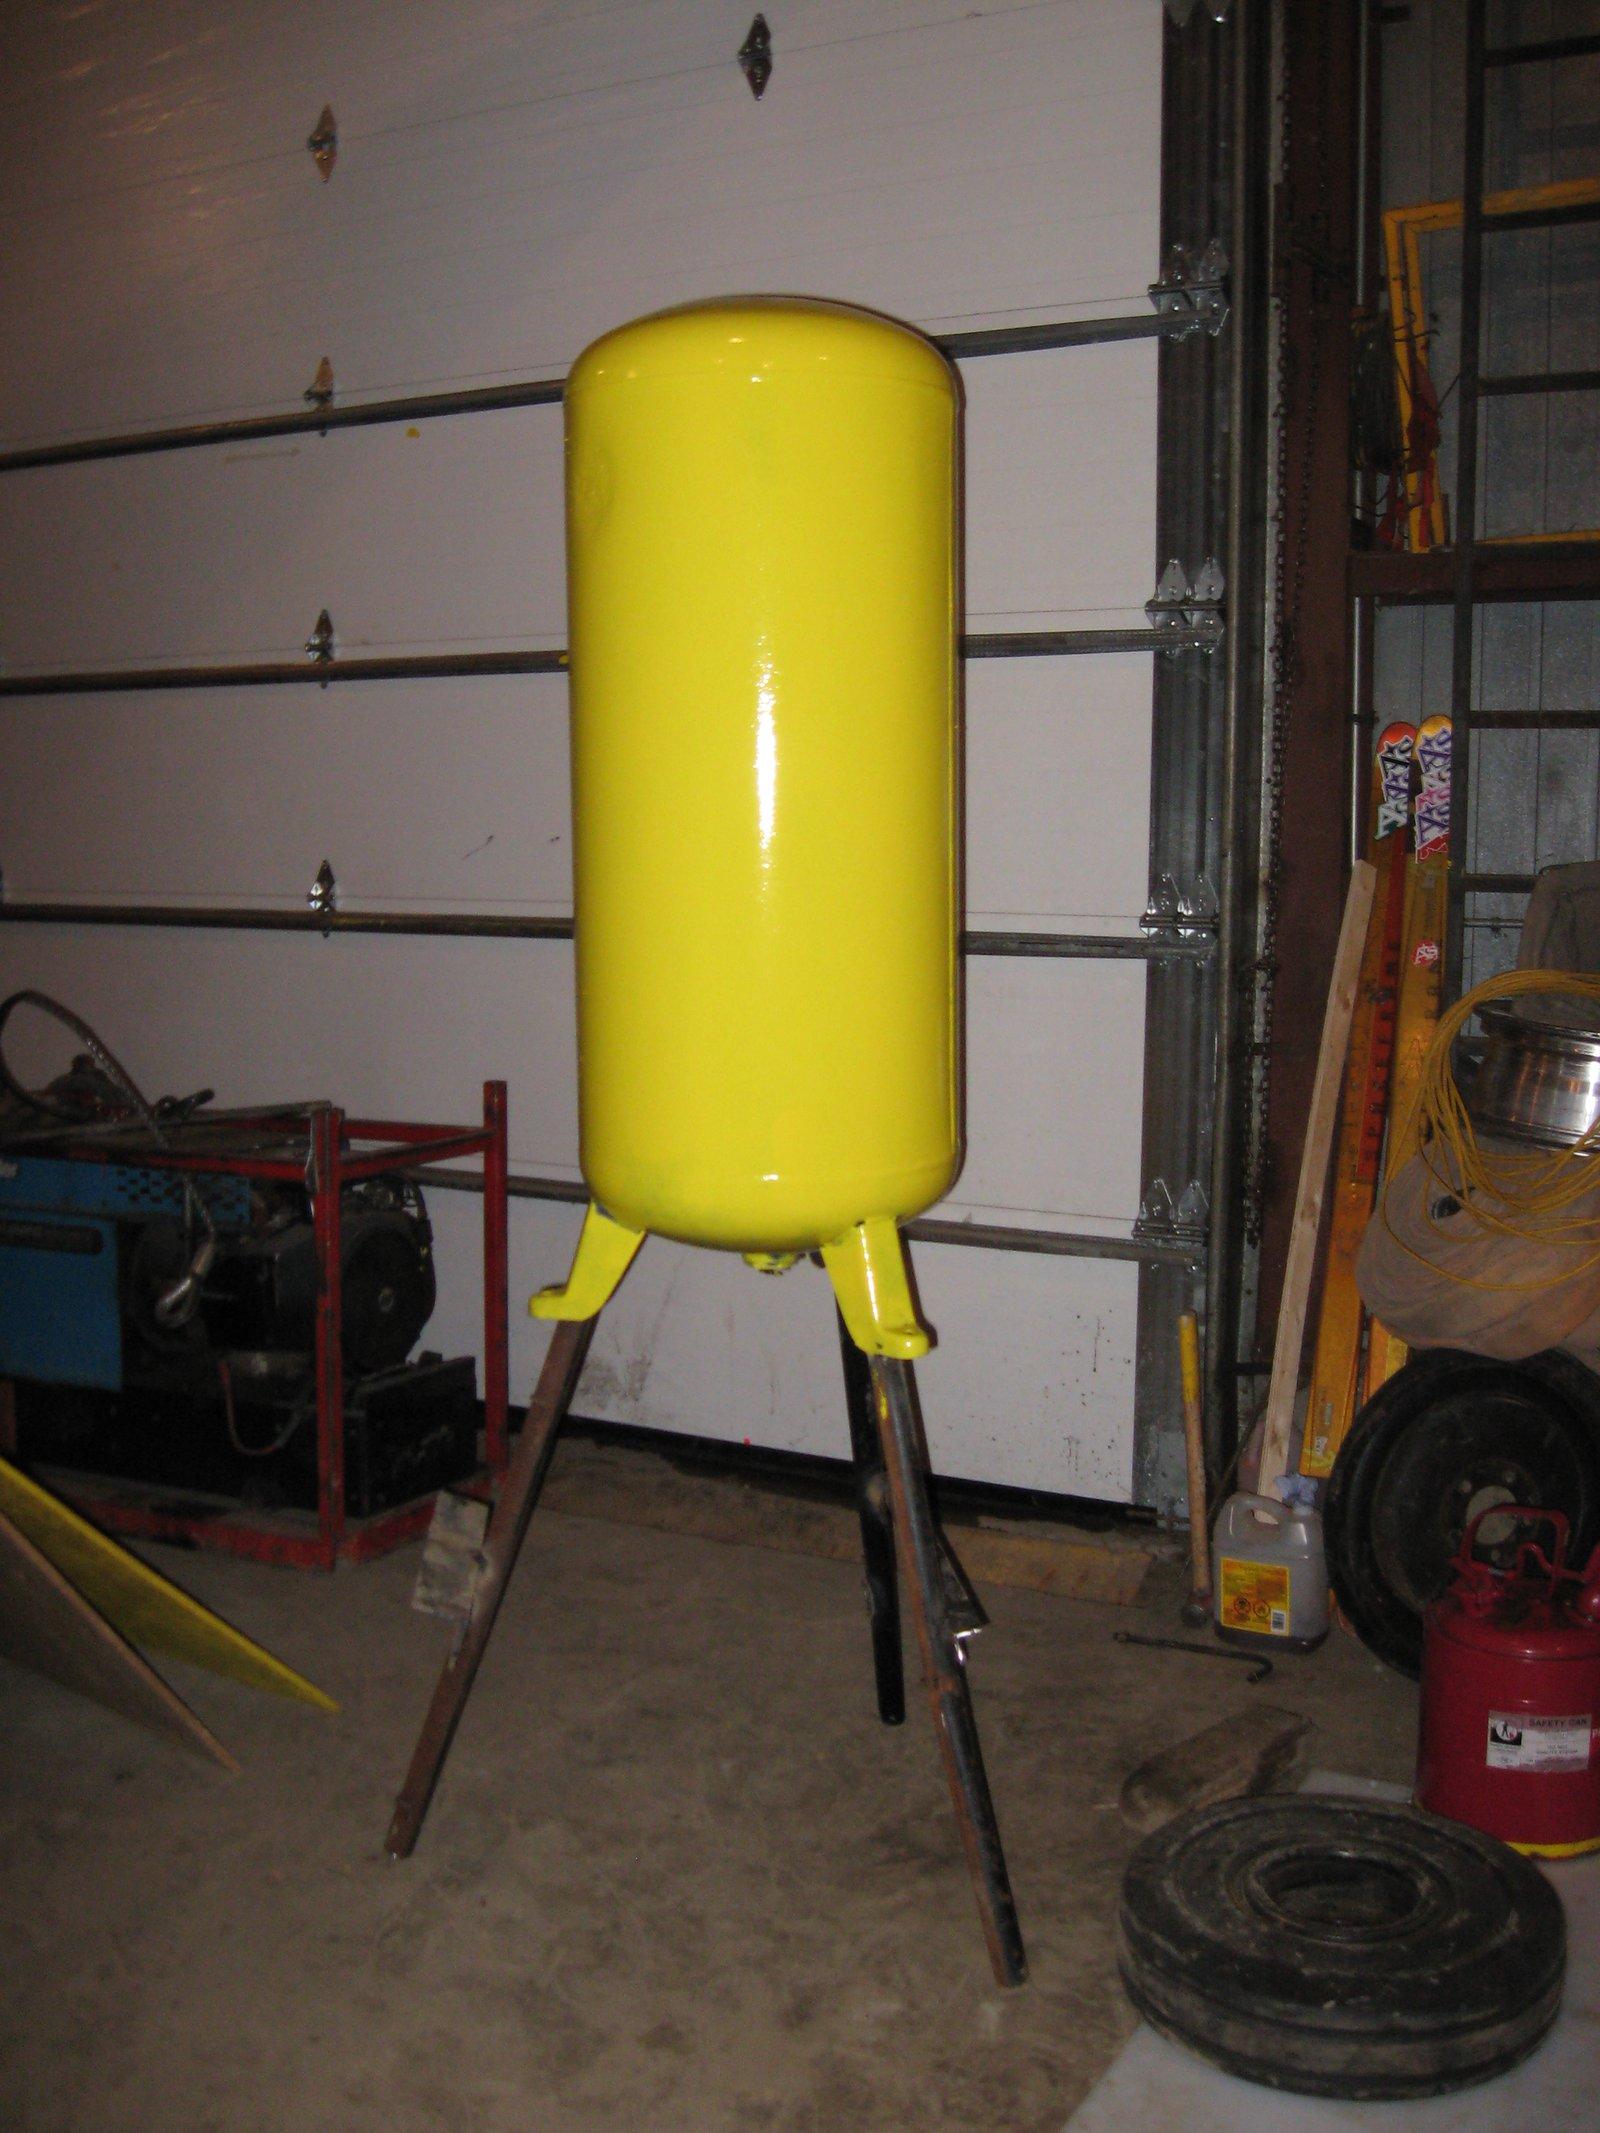 The air tank